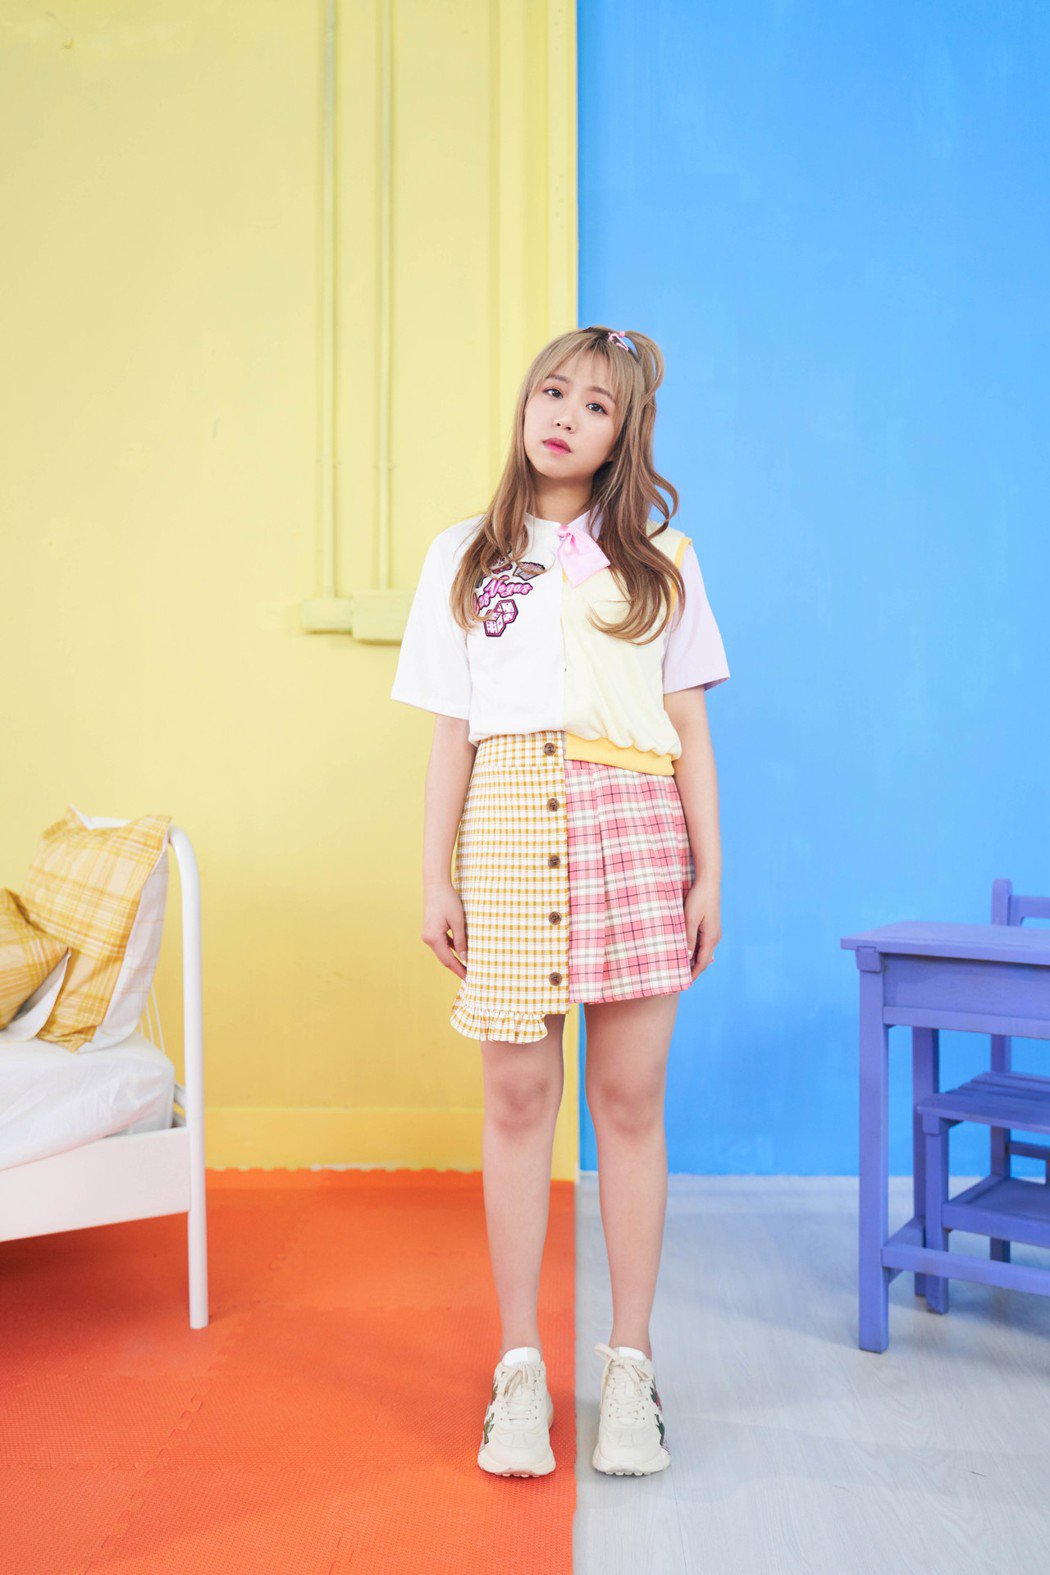 鄭茵聲推出首張專輯「預告幸福」。圖/索尼提供